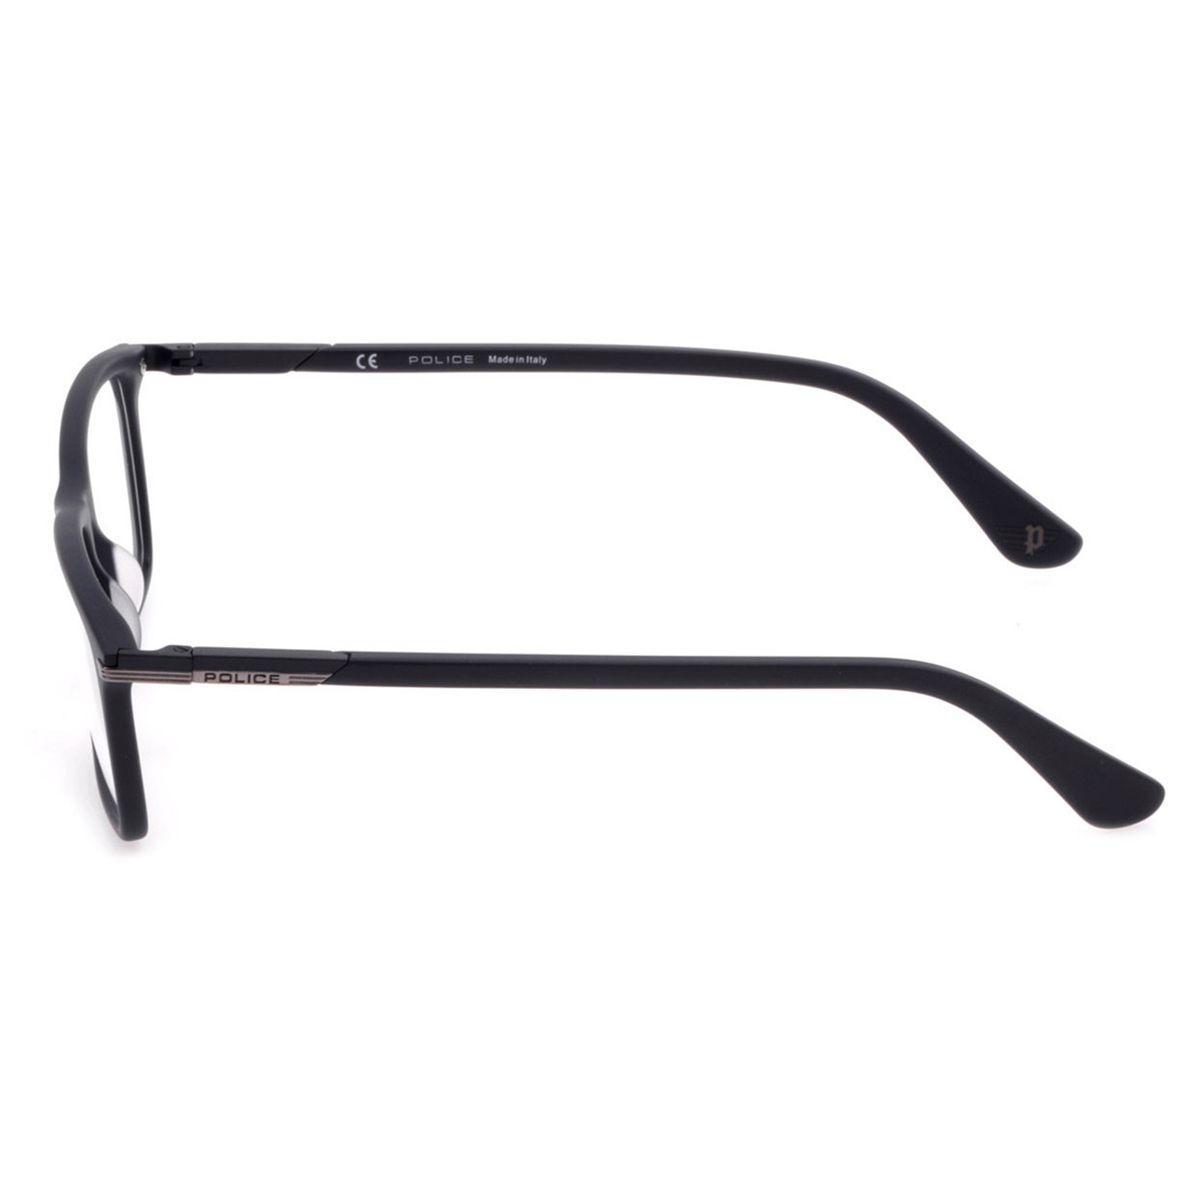 ff01e2eb1f3e5 Óculos de Grau Police Westwing 2 Masculino VPL691 0703 - Acetato Preto R   673